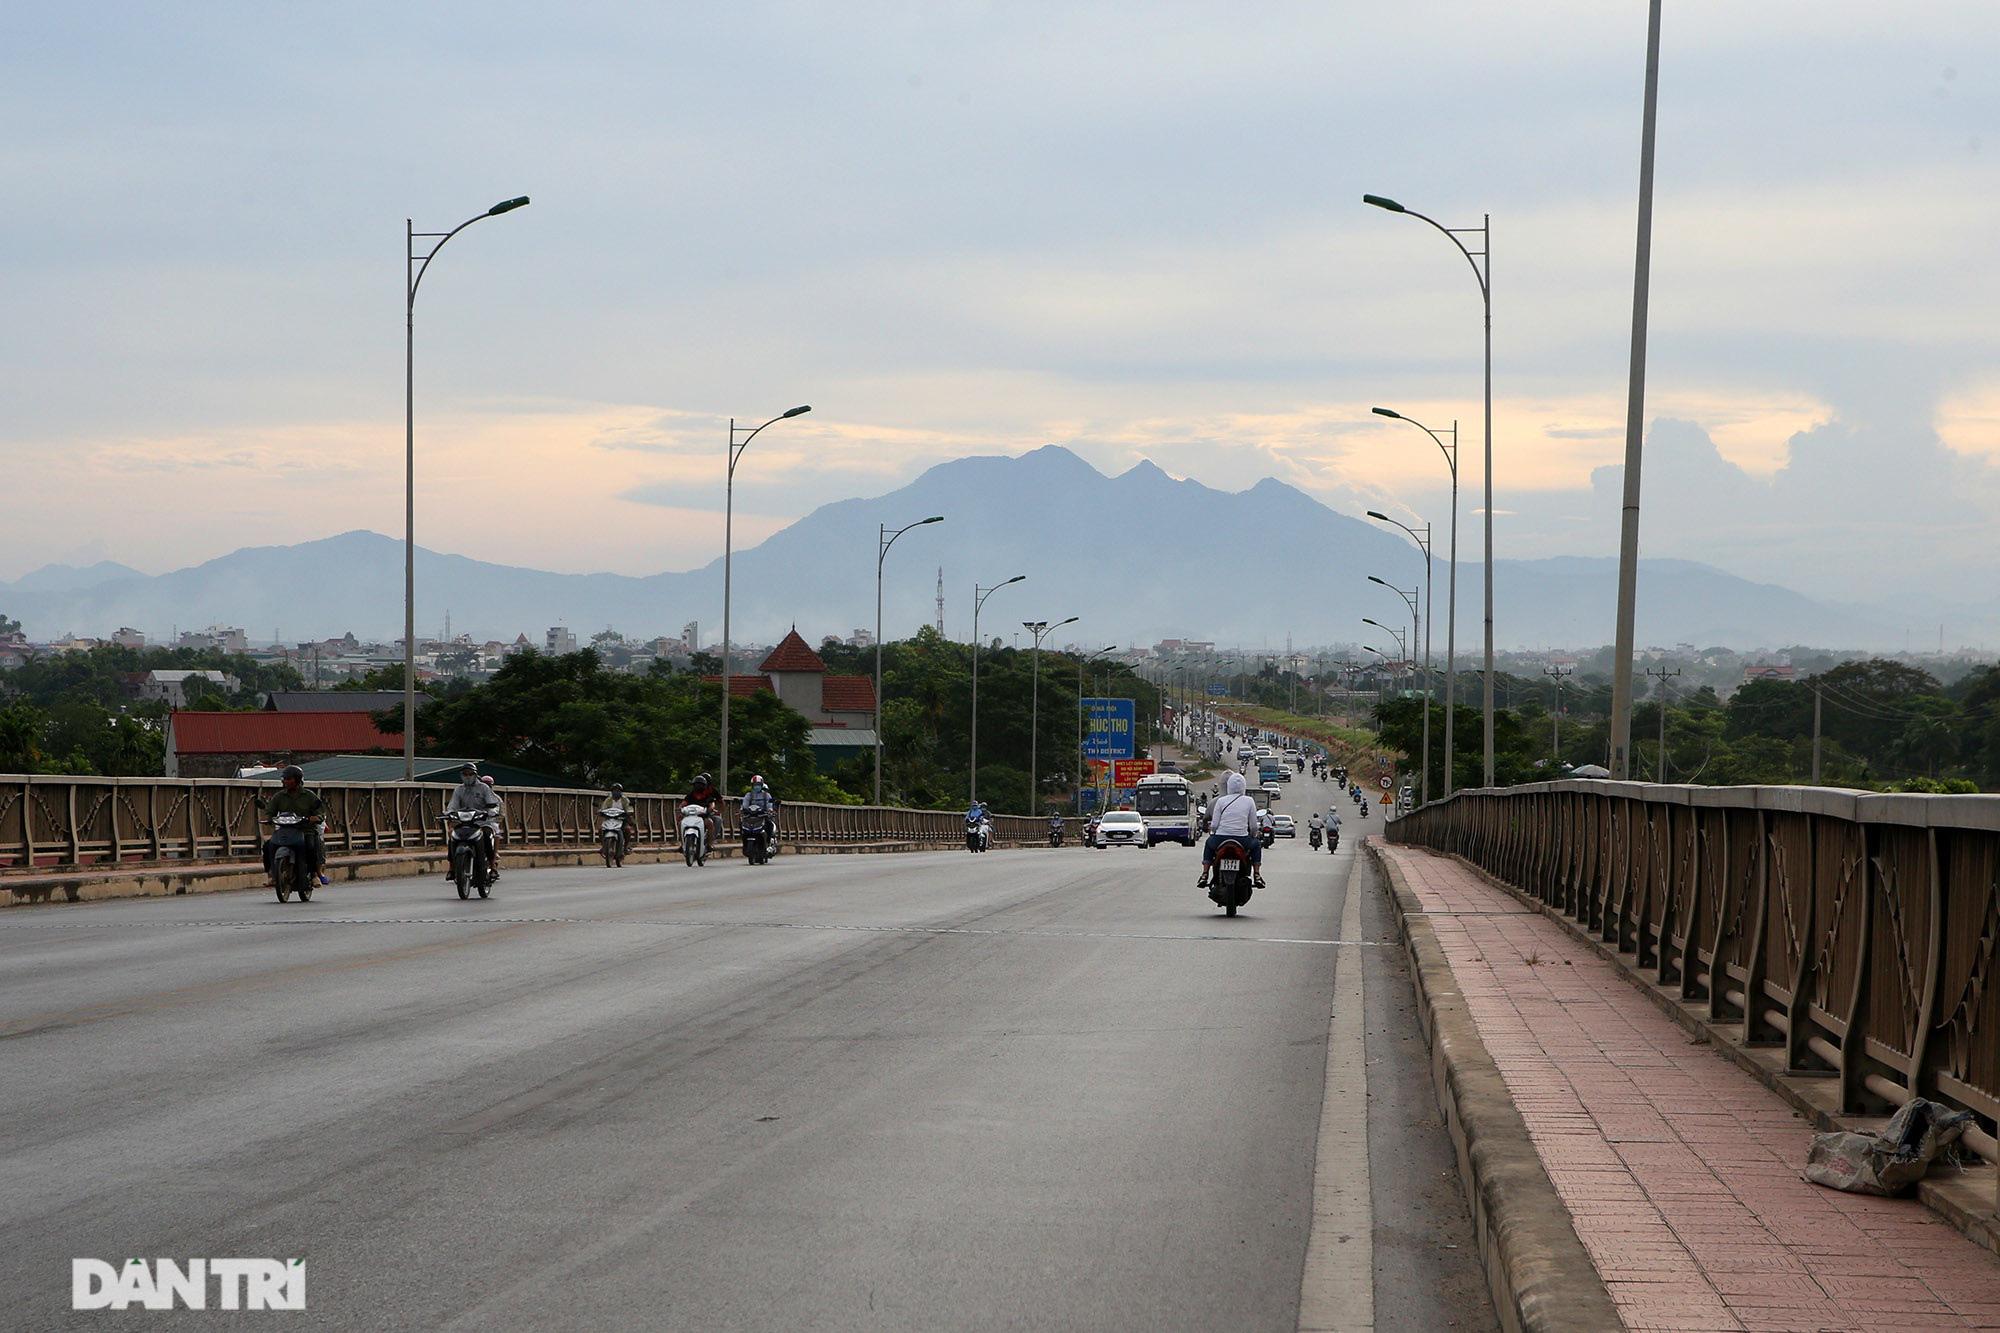 Núi thiêng gần Hà Nội đẹp mê mải nhìn từ muôn phương tám hướng - Ảnh 2.